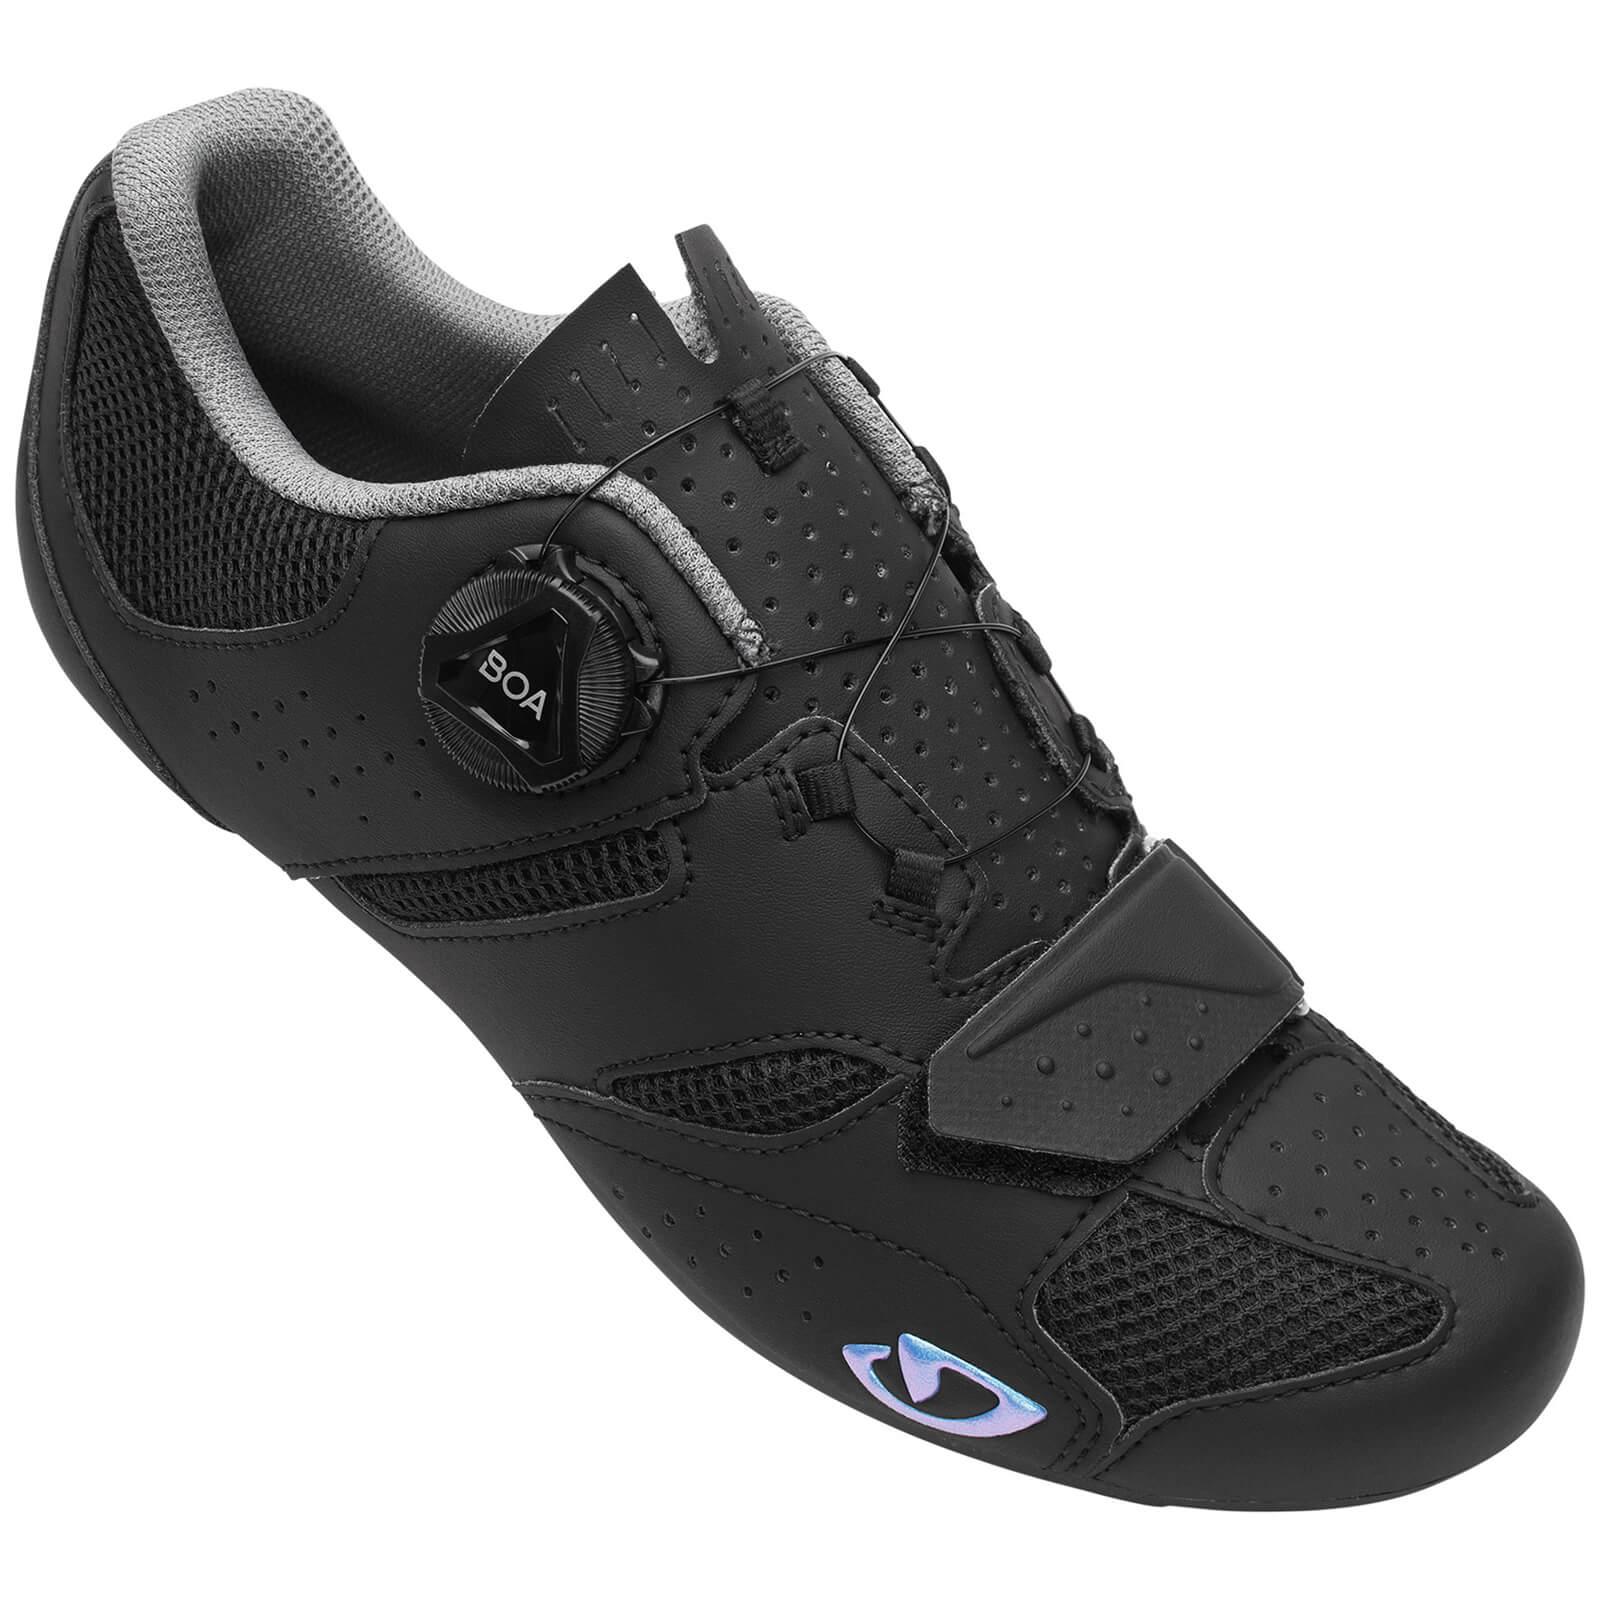 Giro Women's Savix II Road Shoe - EU 42 - Black